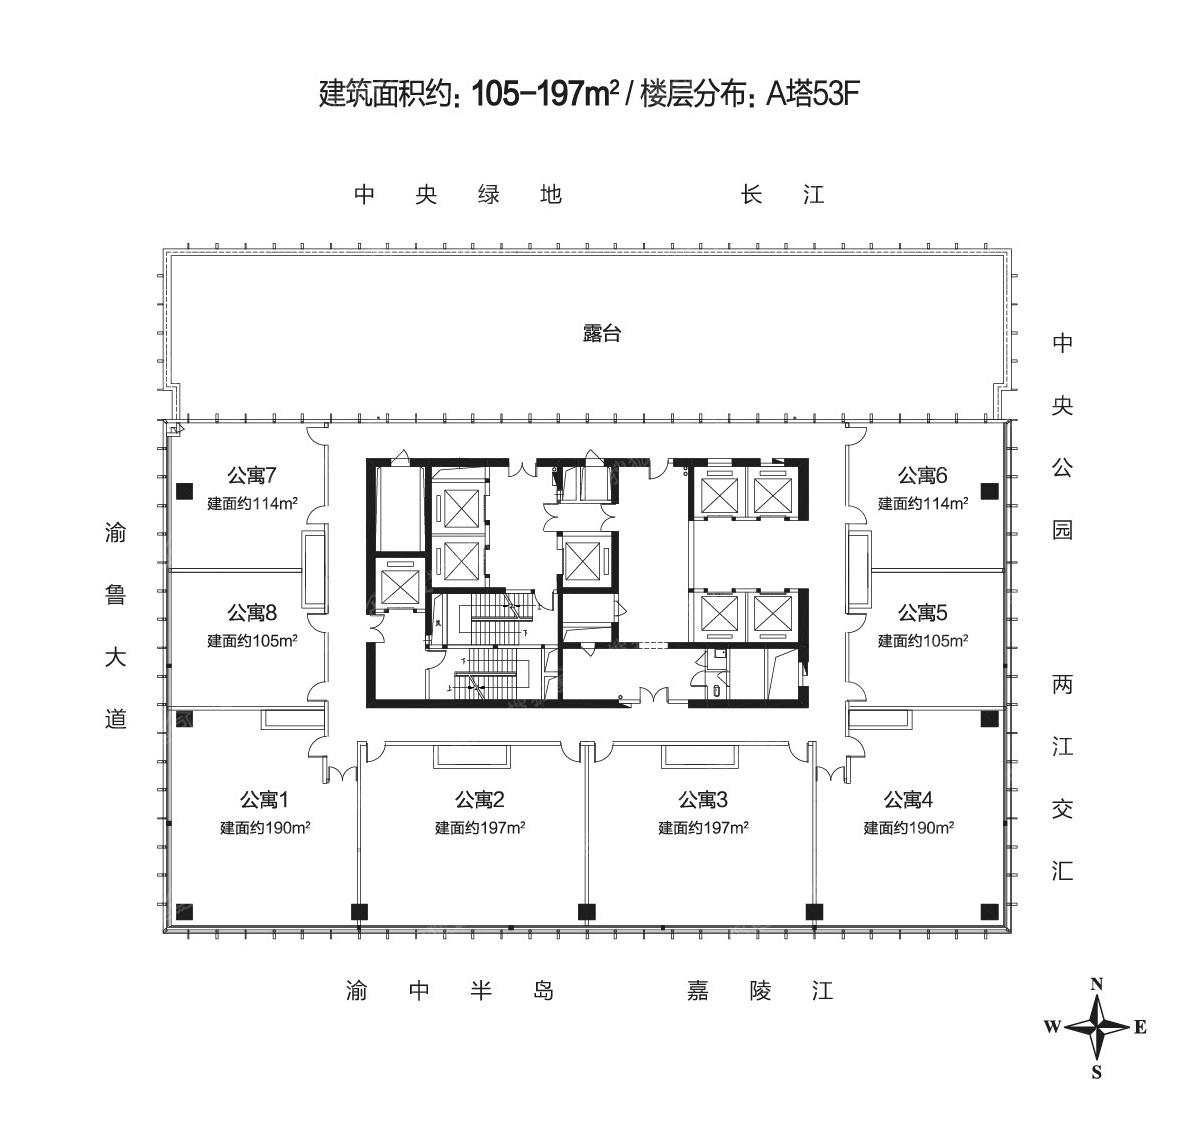 东方国际广场a栋53f楼层平面图